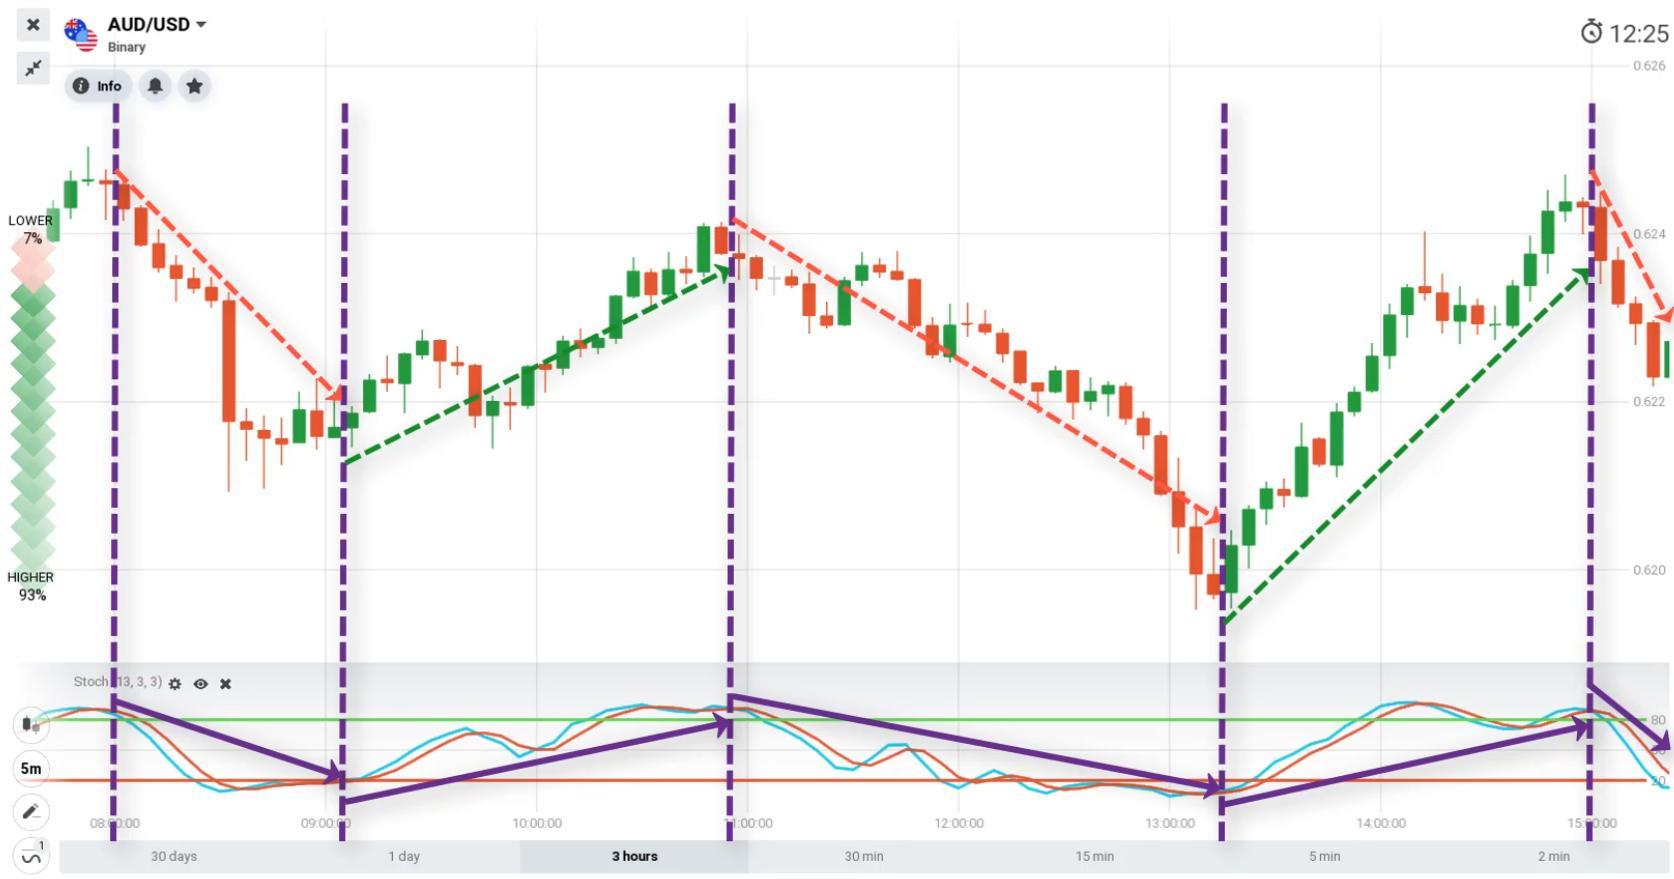 Memprediksi tren harga dengan indikator Stochastic